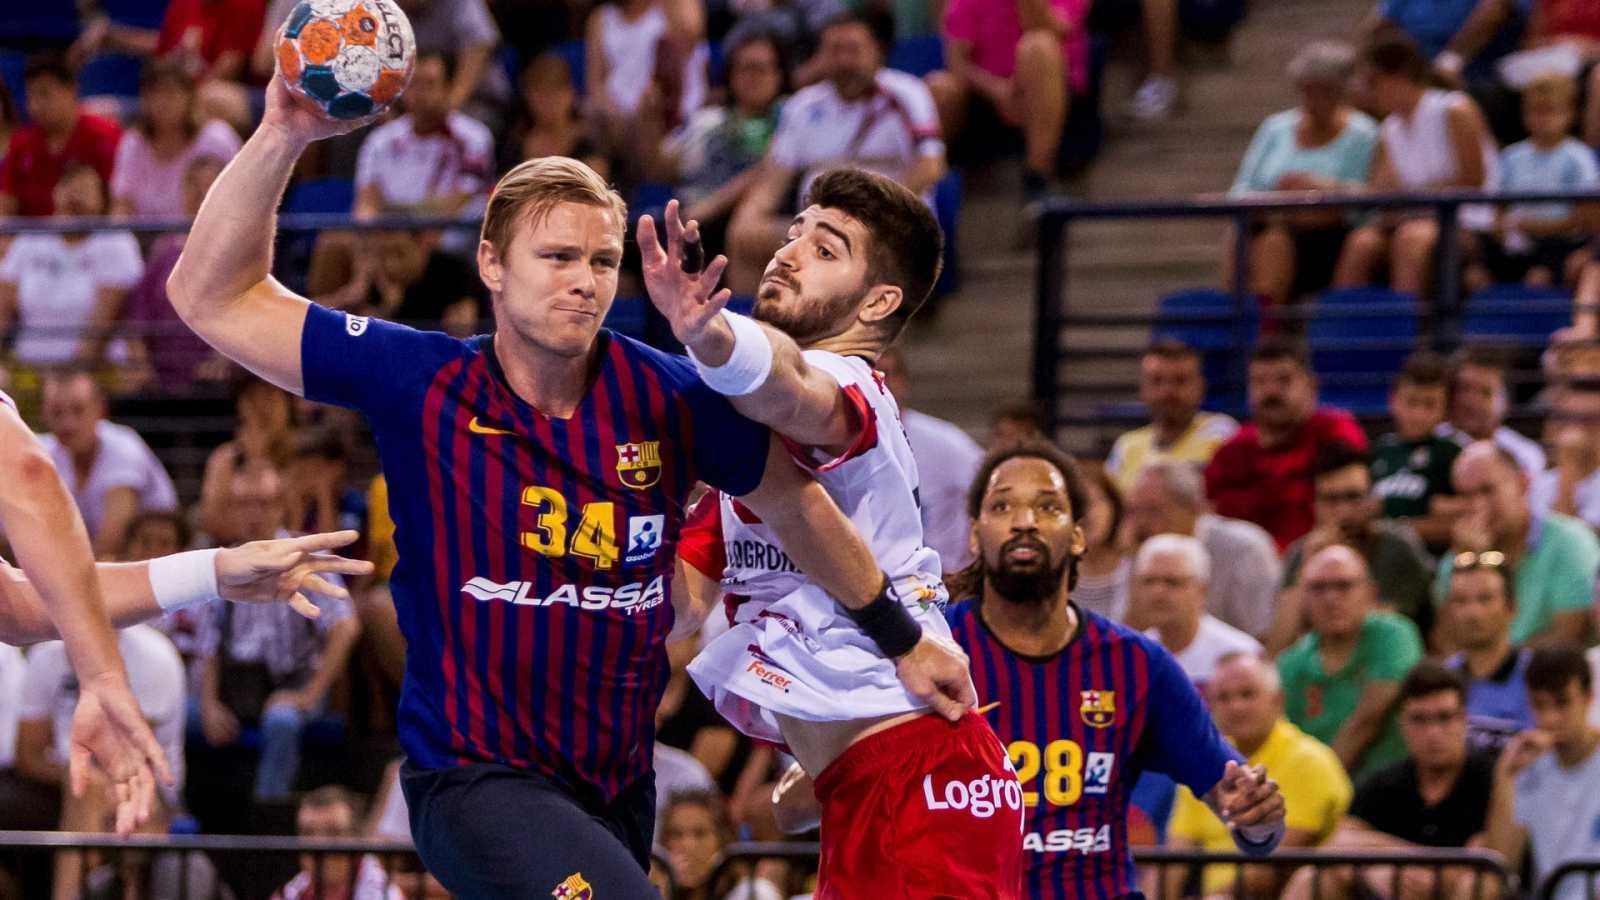 La ASOBAL busca un acuerdo para evitar la baja de Barça y Logroño